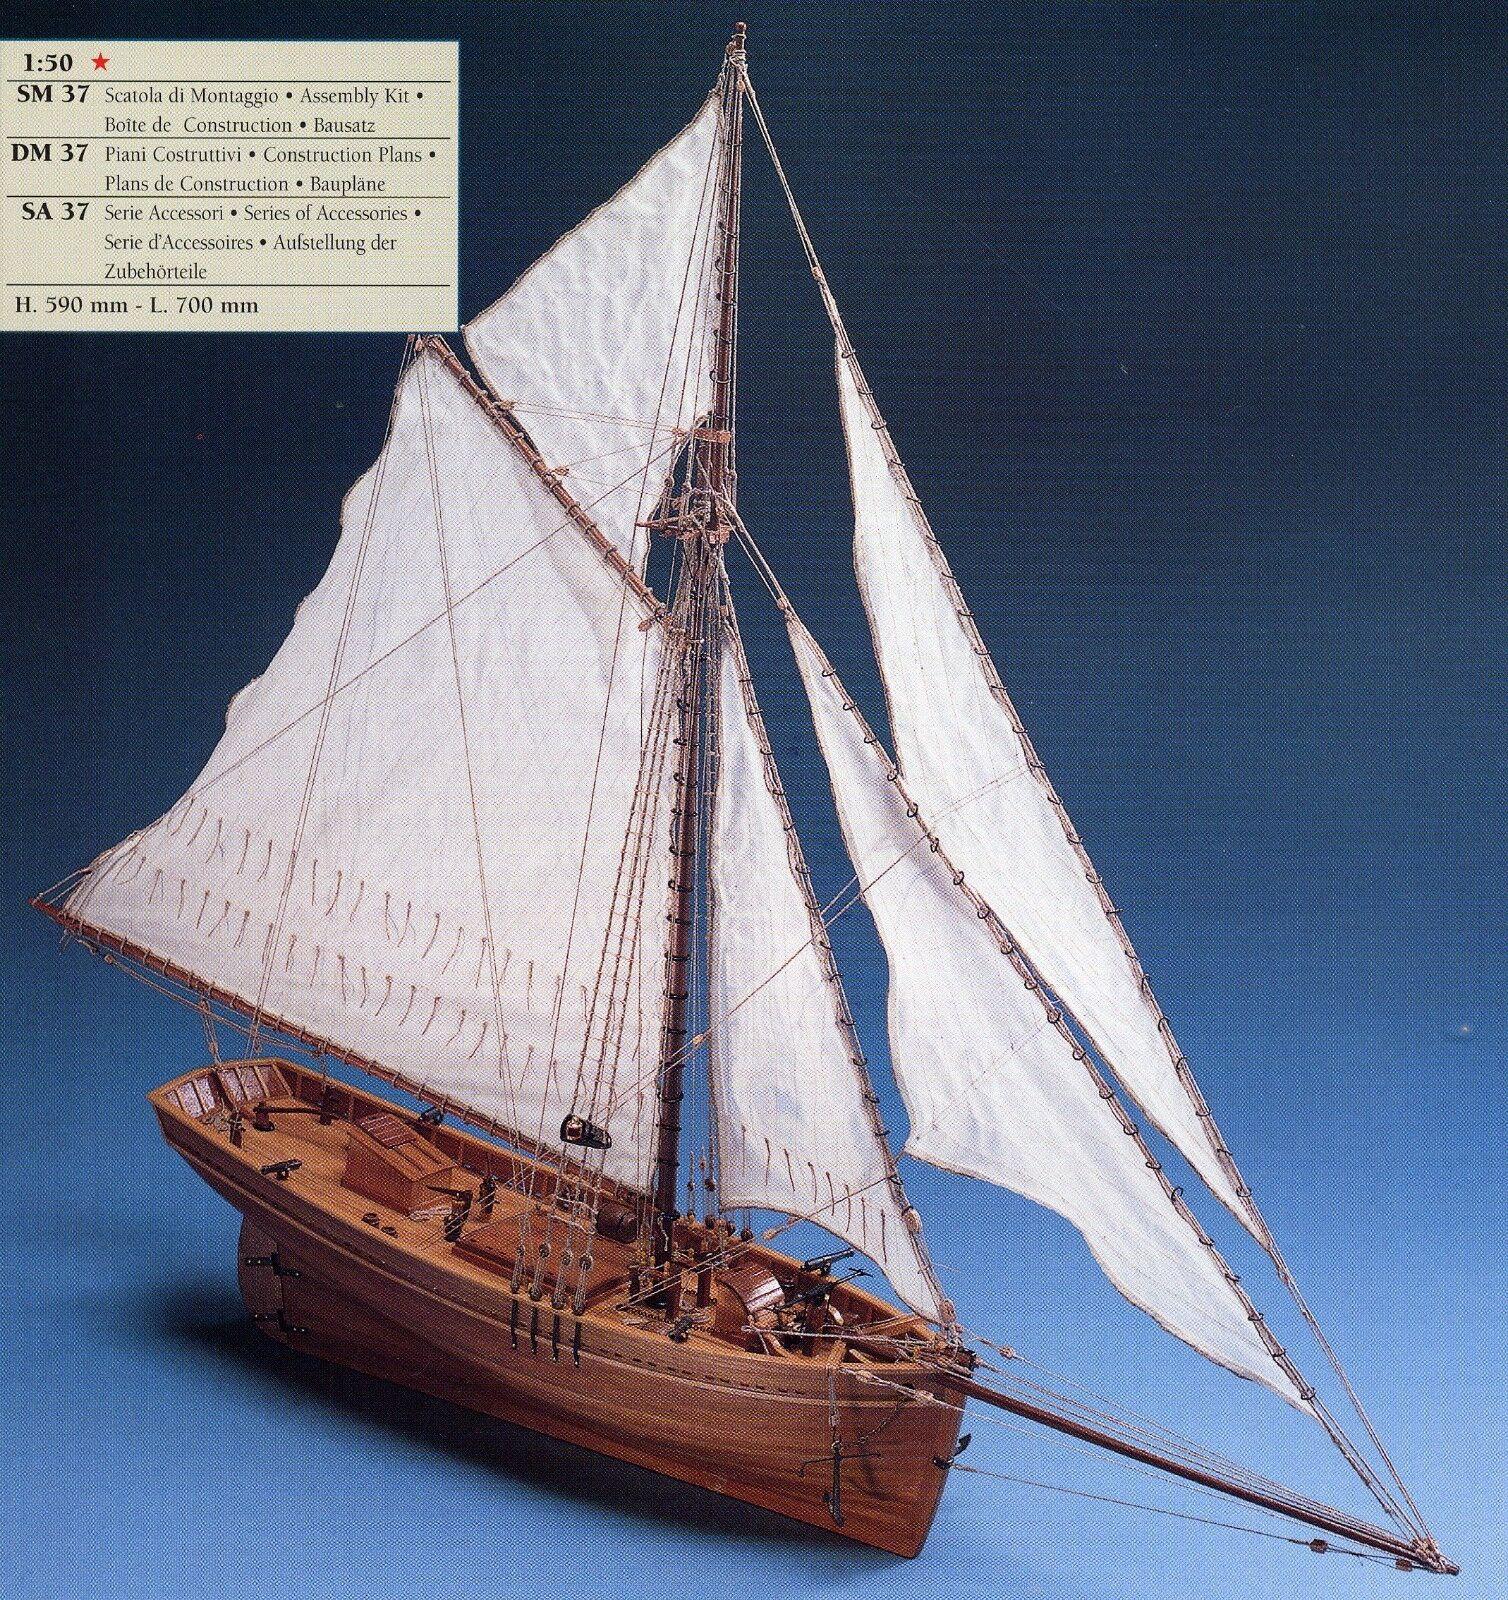 COREL SM37 BARCA Modello SHENANDOAH imbarcazione Nave CUTTER americano 1 50